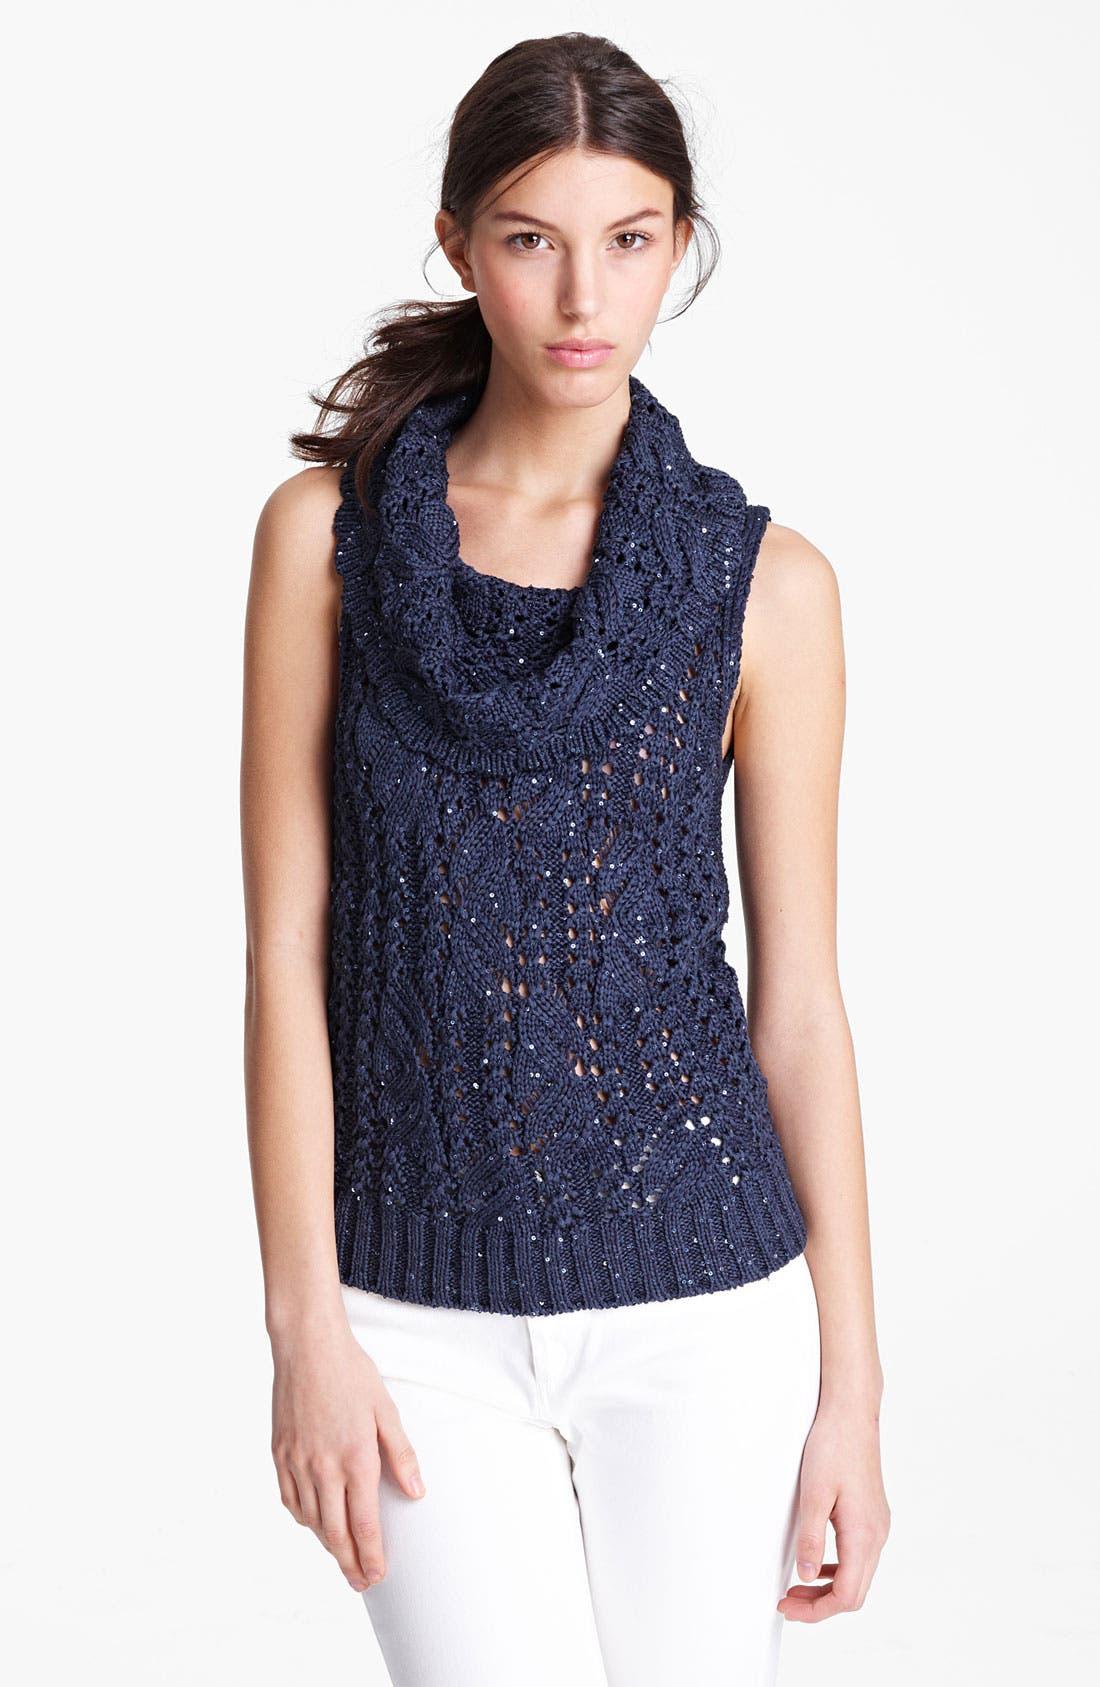 Main Image - Oscar de la Renta Sequin Knit Top